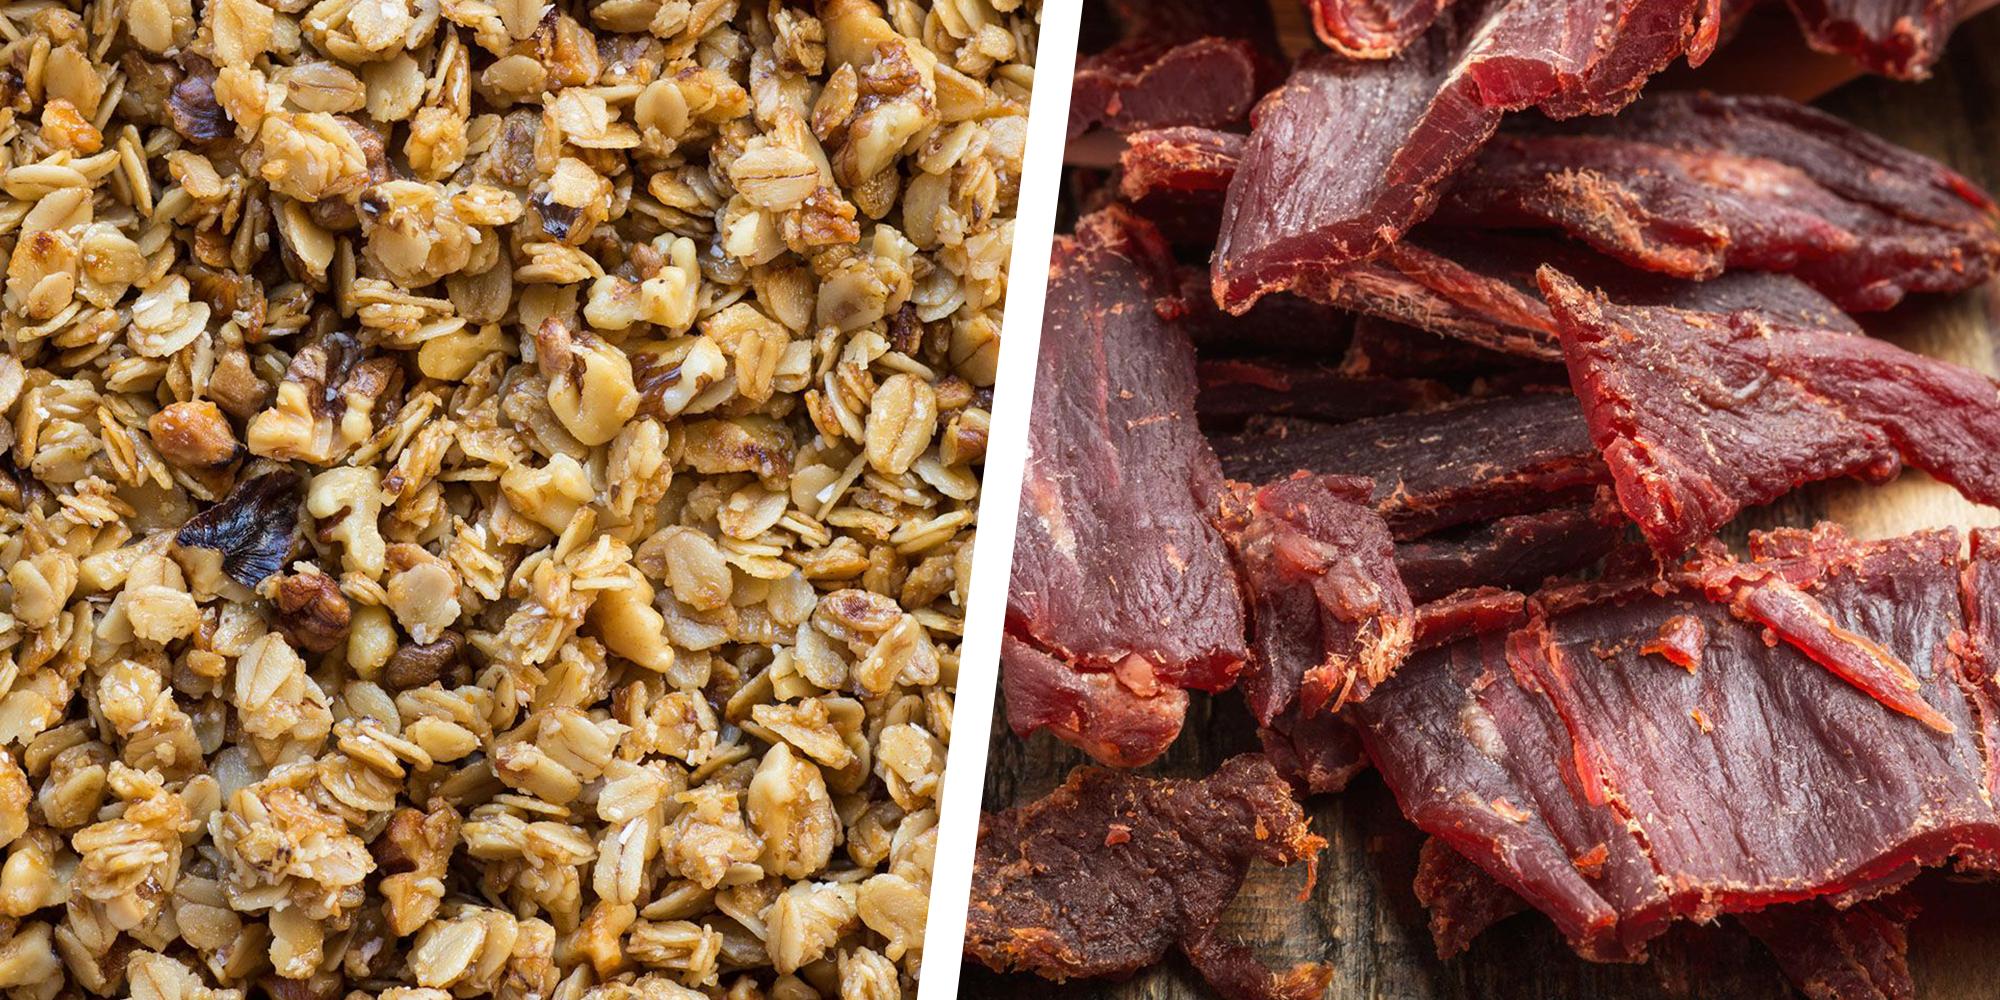 26 Surprisingly Unhealthy Foods